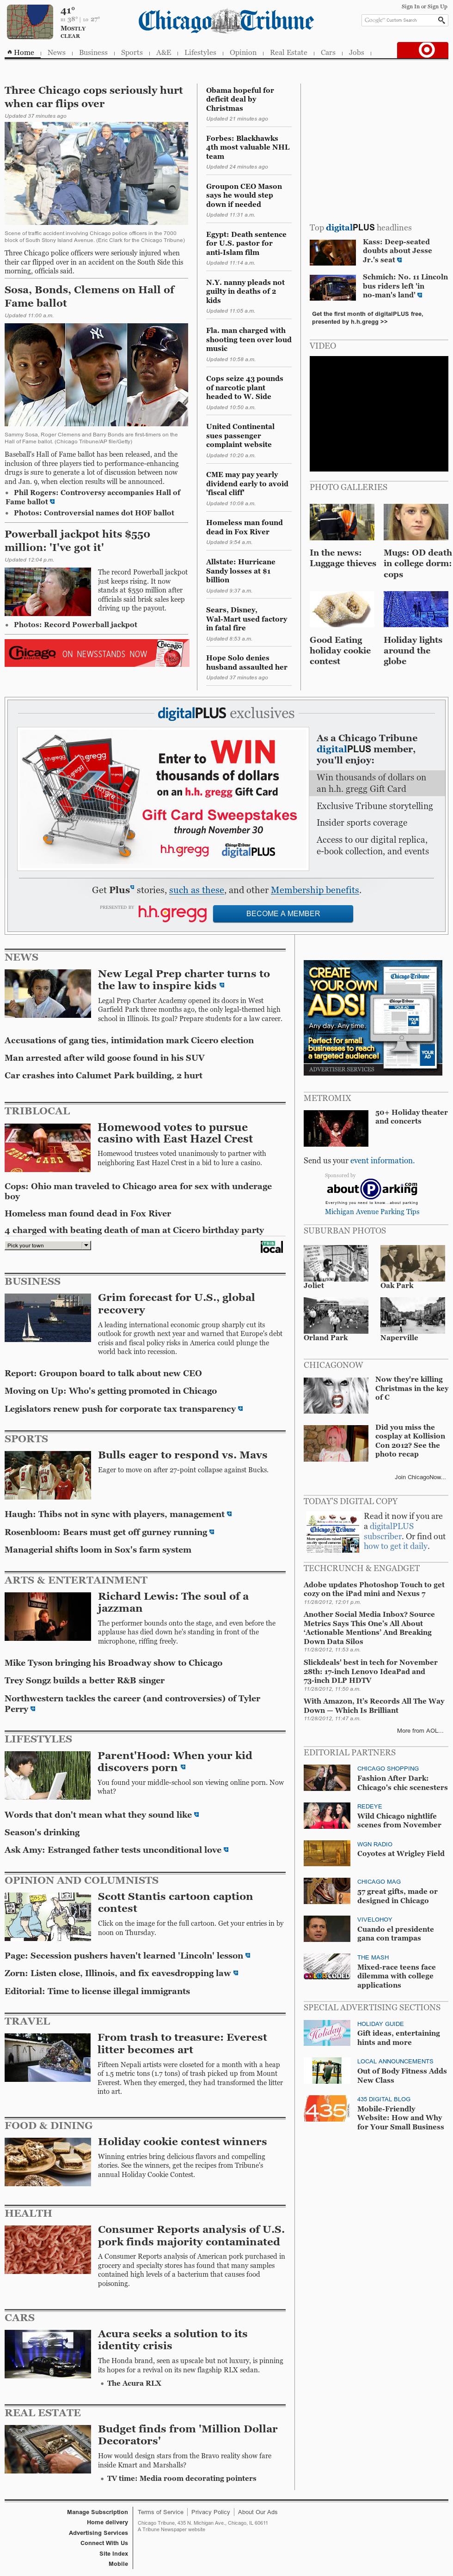 Chicago Tribune at Wednesday Nov. 28, 2012, 7:04 p.m. UTC